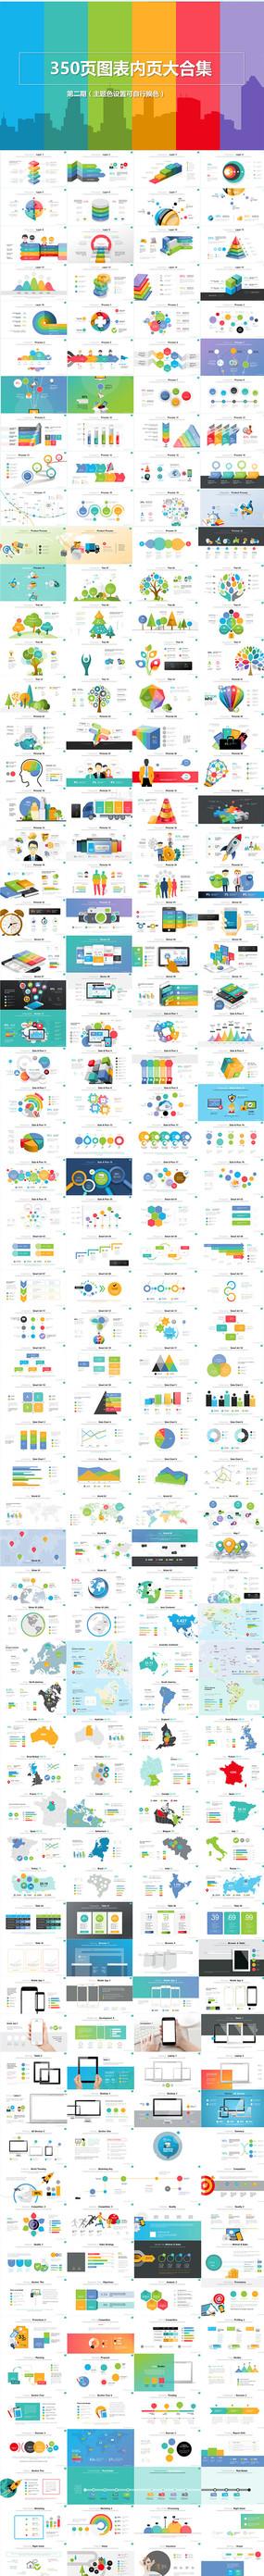 350页扁平化商务动态图标图表数据合集 pptx